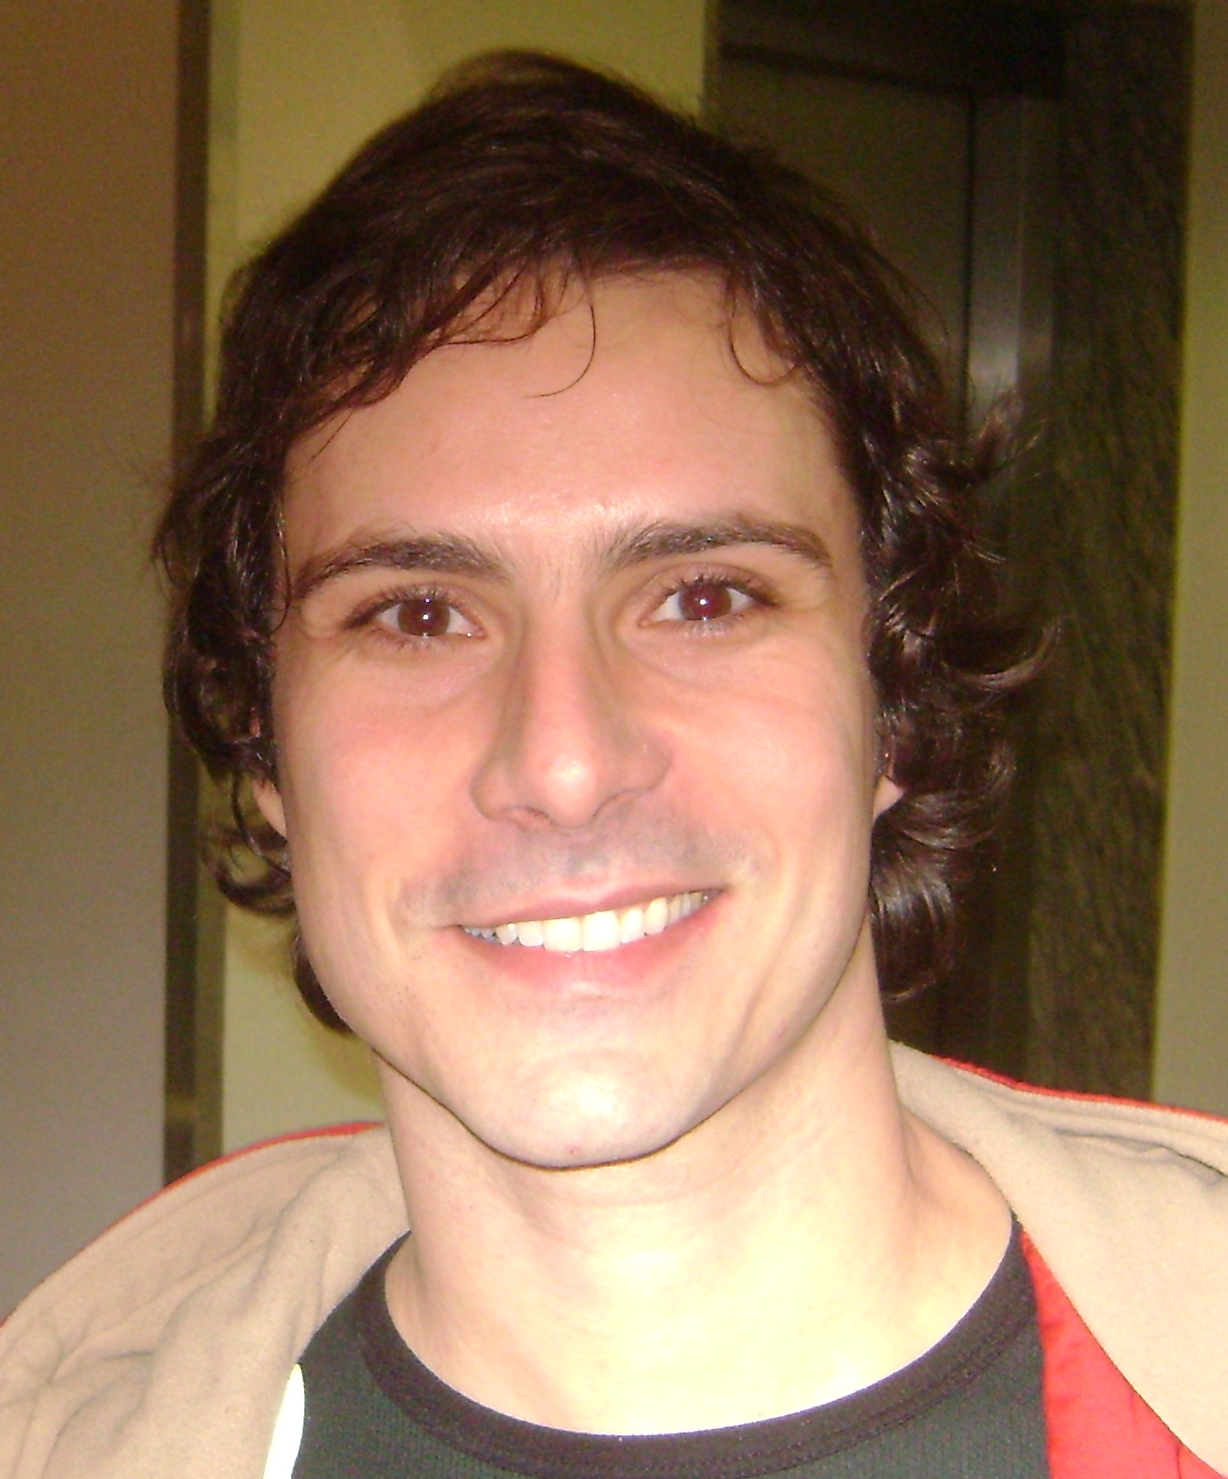 Veja o que saiu no Migalhas sobre Sérgio Abreu